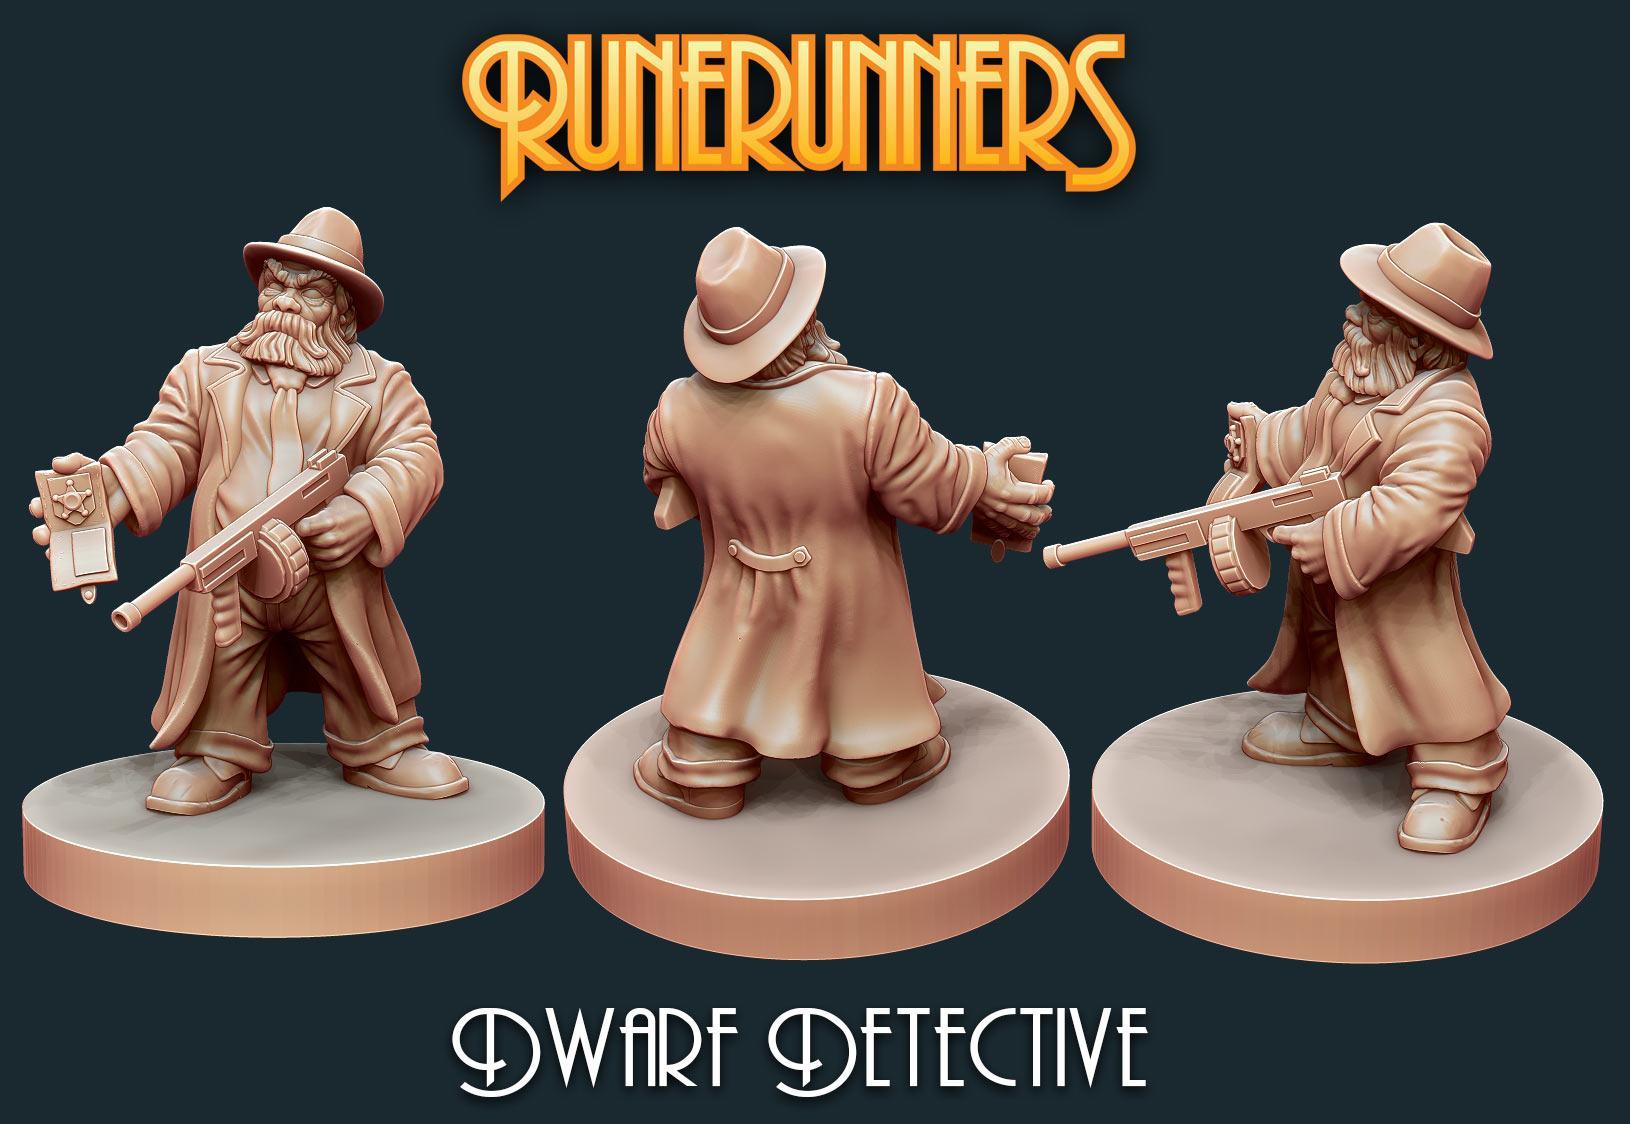 Runerunners Dwarf Detective